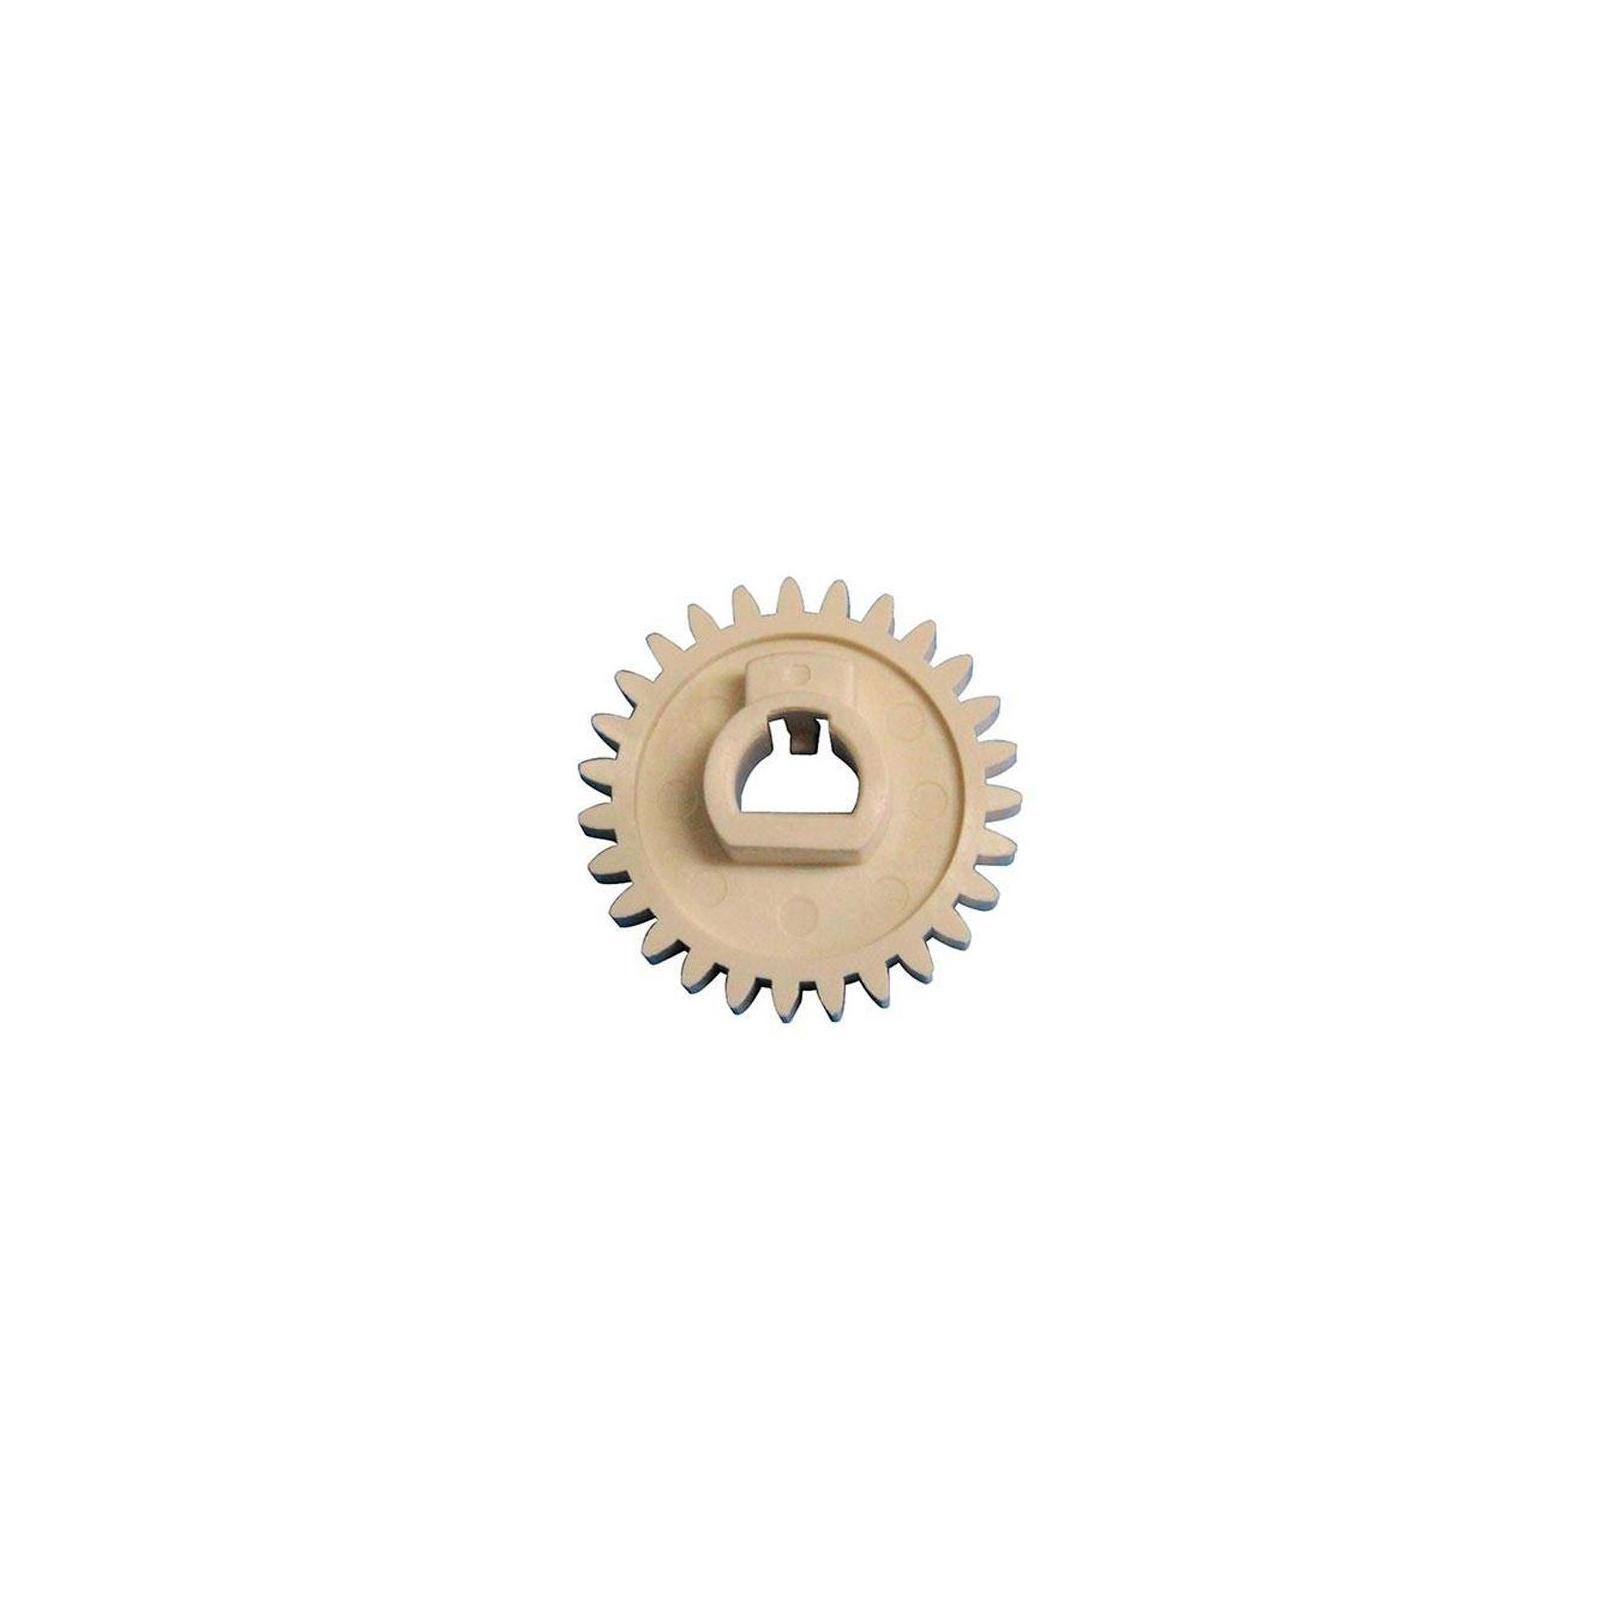 Шестерня резинового вала HP LJ P2035/P2055 аналог RU6-0690-000 27T АНК (50004)